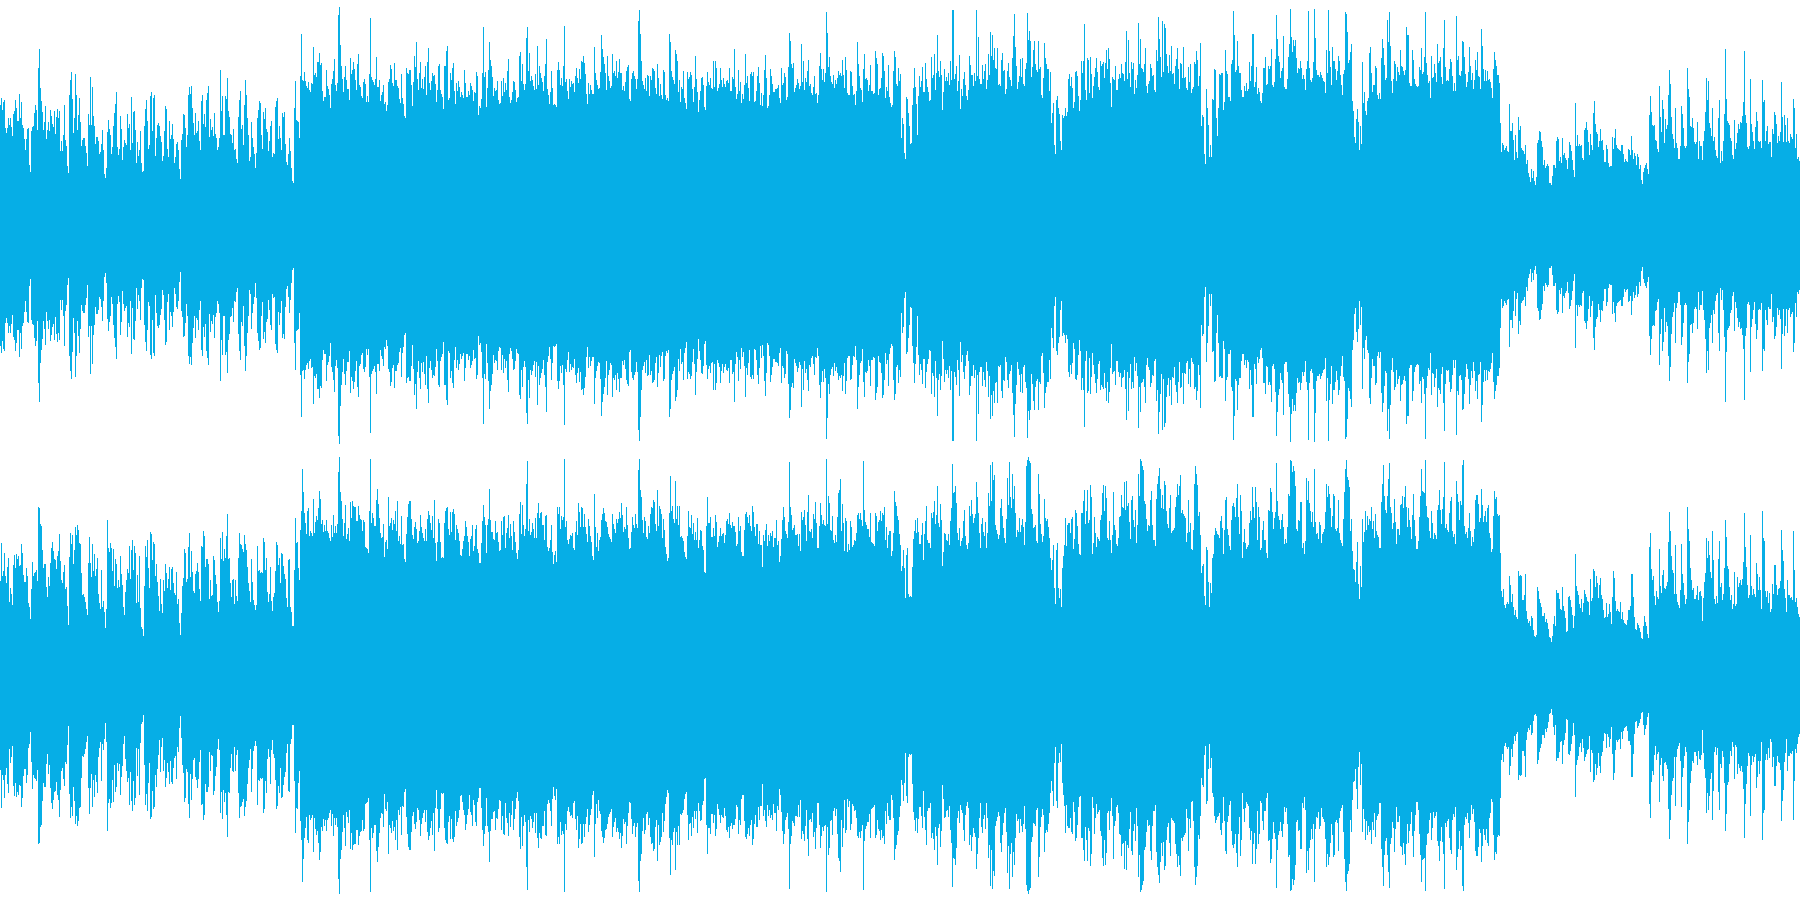 ほのぼのとした3拍子の楽曲の再生済みの波形